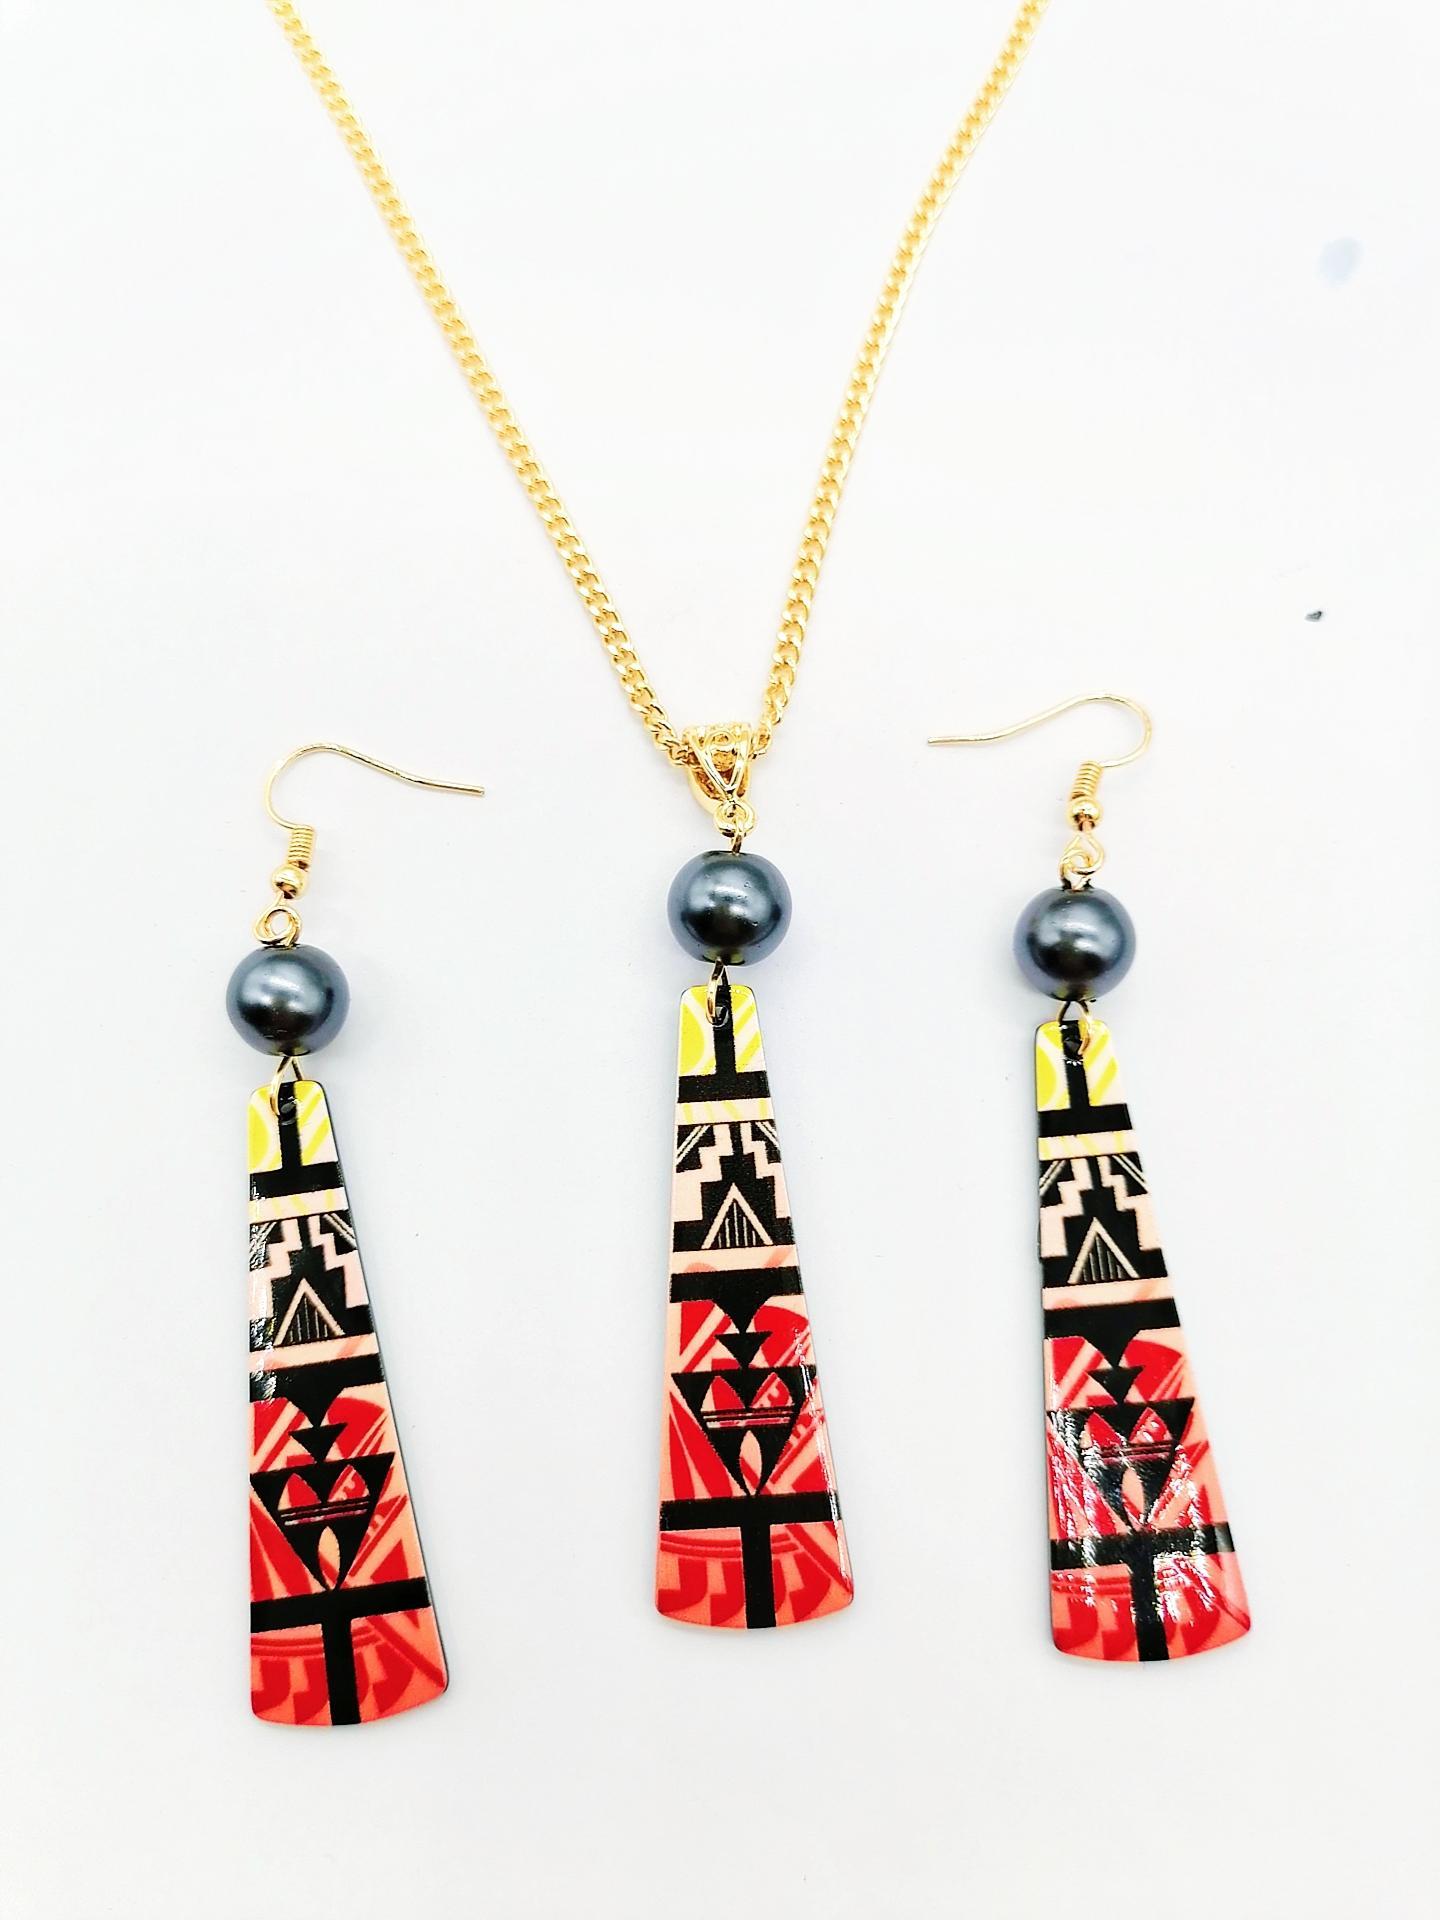 Gioielli Set di orecchini per vacanze moda penzolando barra rossa bar acrilico accessori goccia a goccia hawaiani set per le donne regali partito